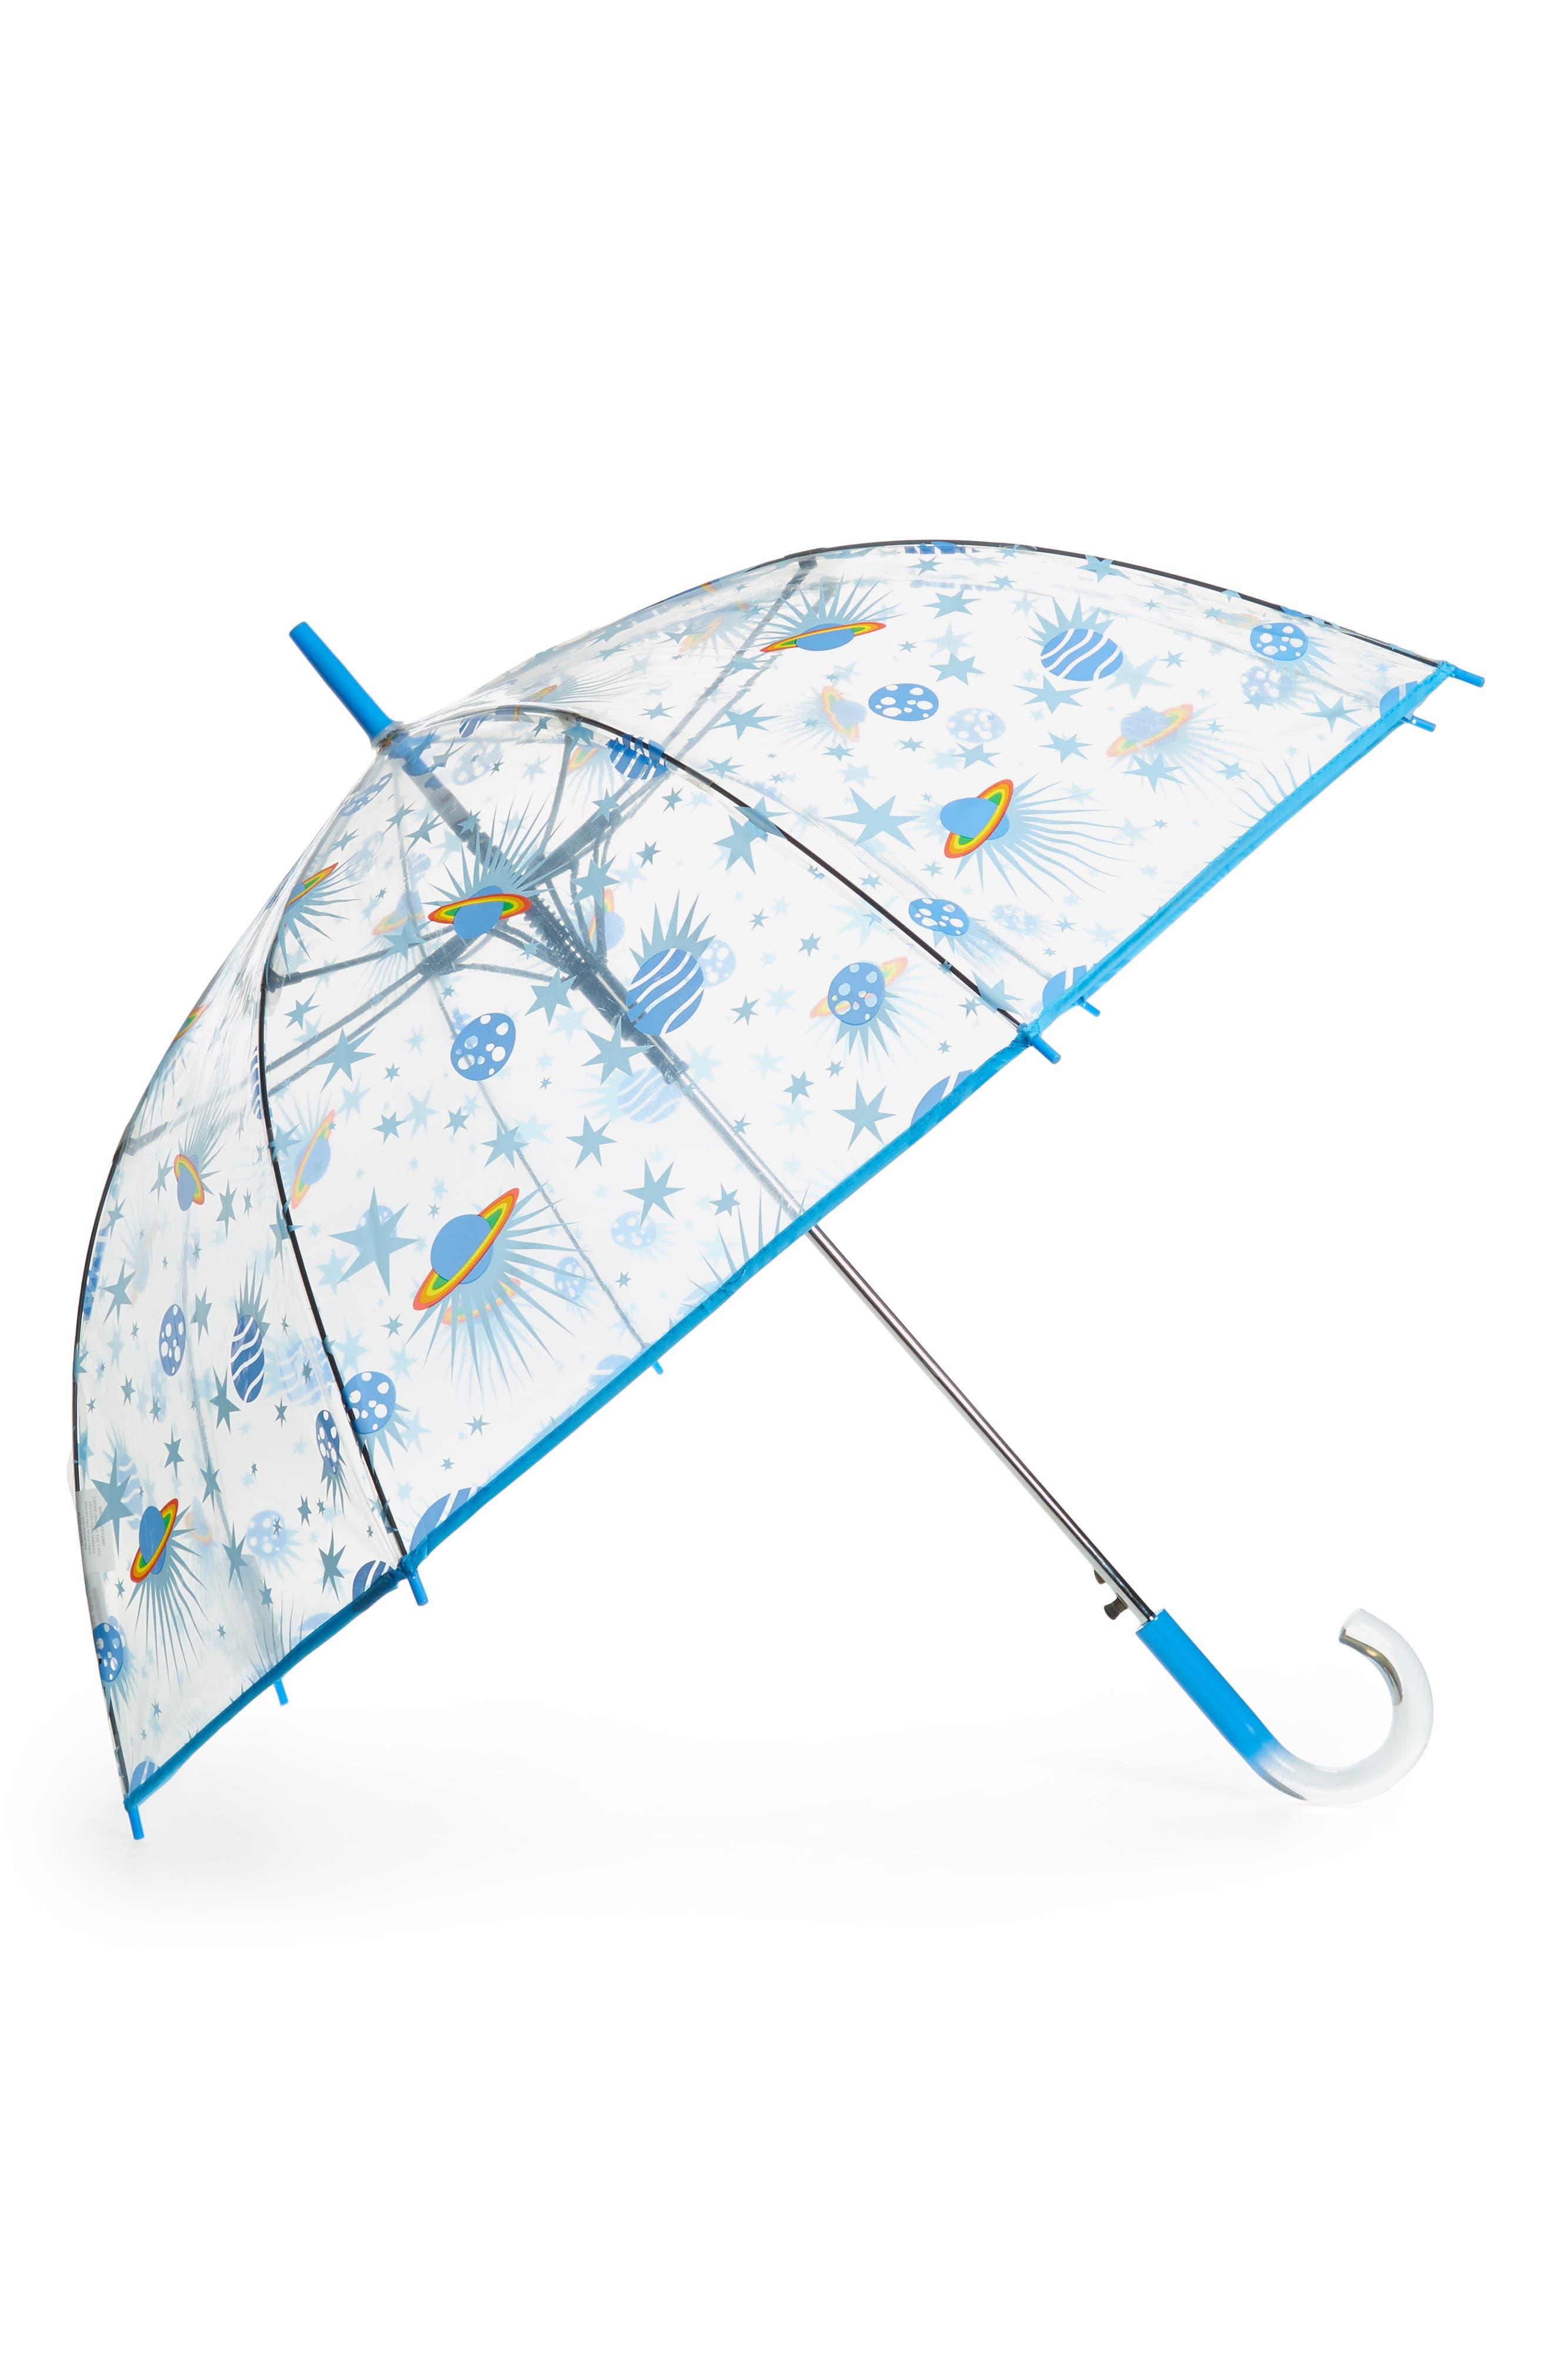 'The Bubble' Auto Open Stick Umbrella,                         Main,                         color, GAZER